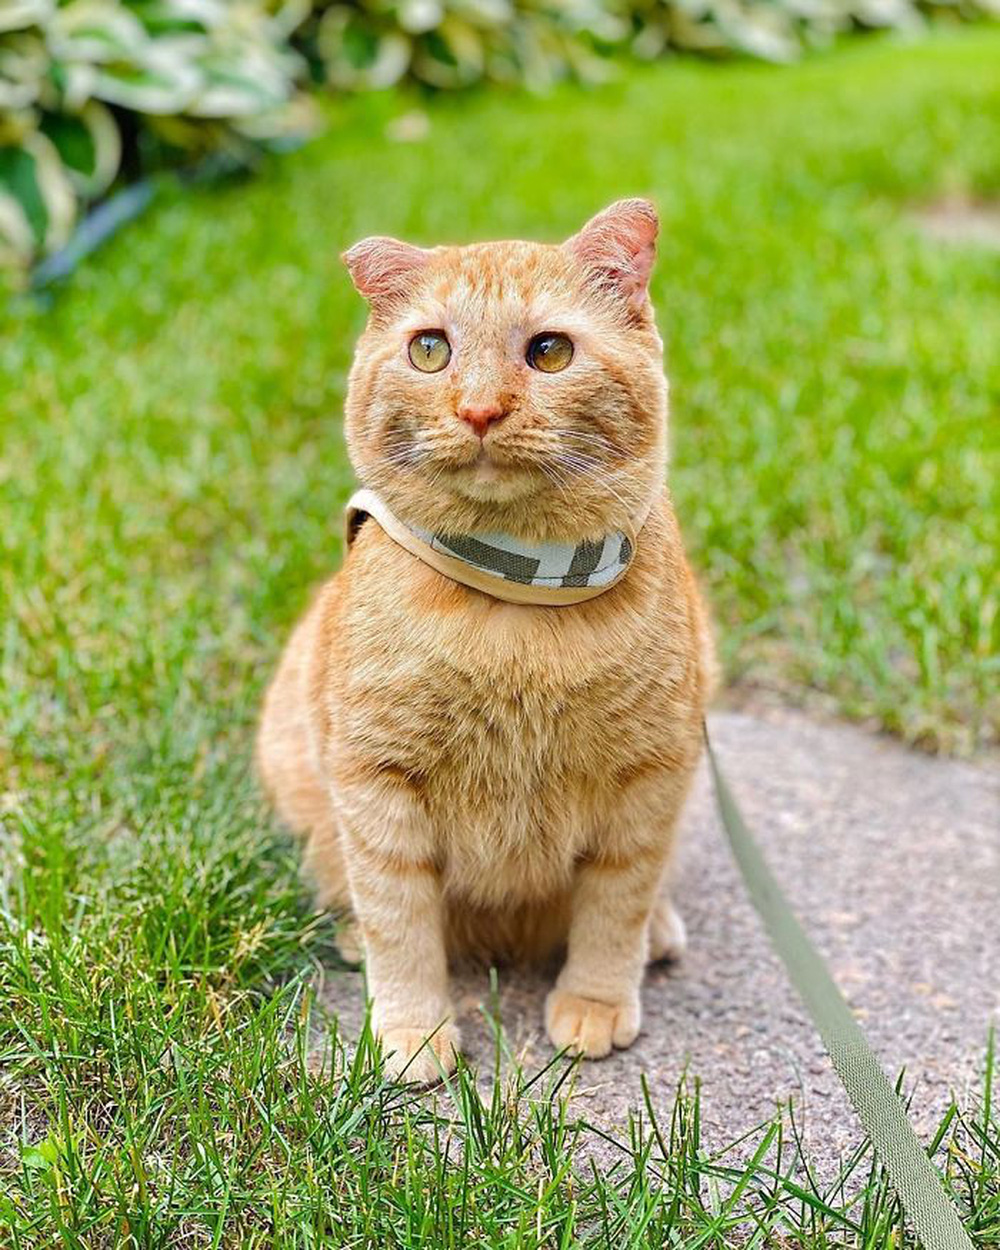 Chú mèo buồn nhất thế gian với đôi mắt như rỉ máu: Điều gì làm nên cuộc lột xác diệu kỳ? - Ảnh 11.